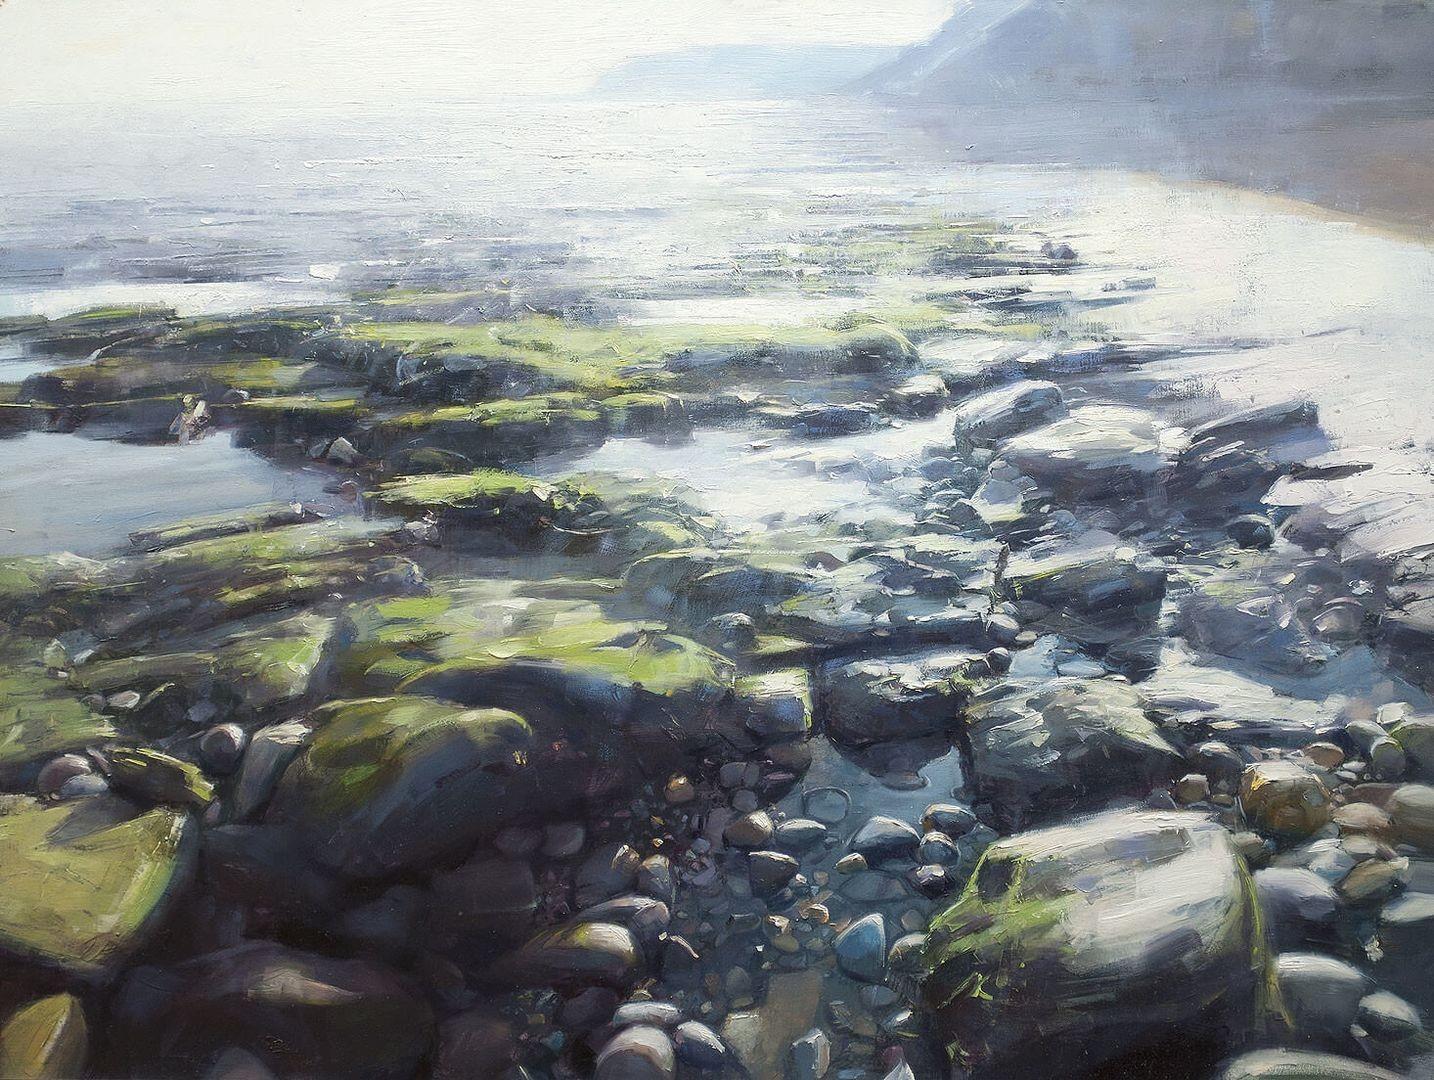 Douglas Gray - Towards Jackson's Bay